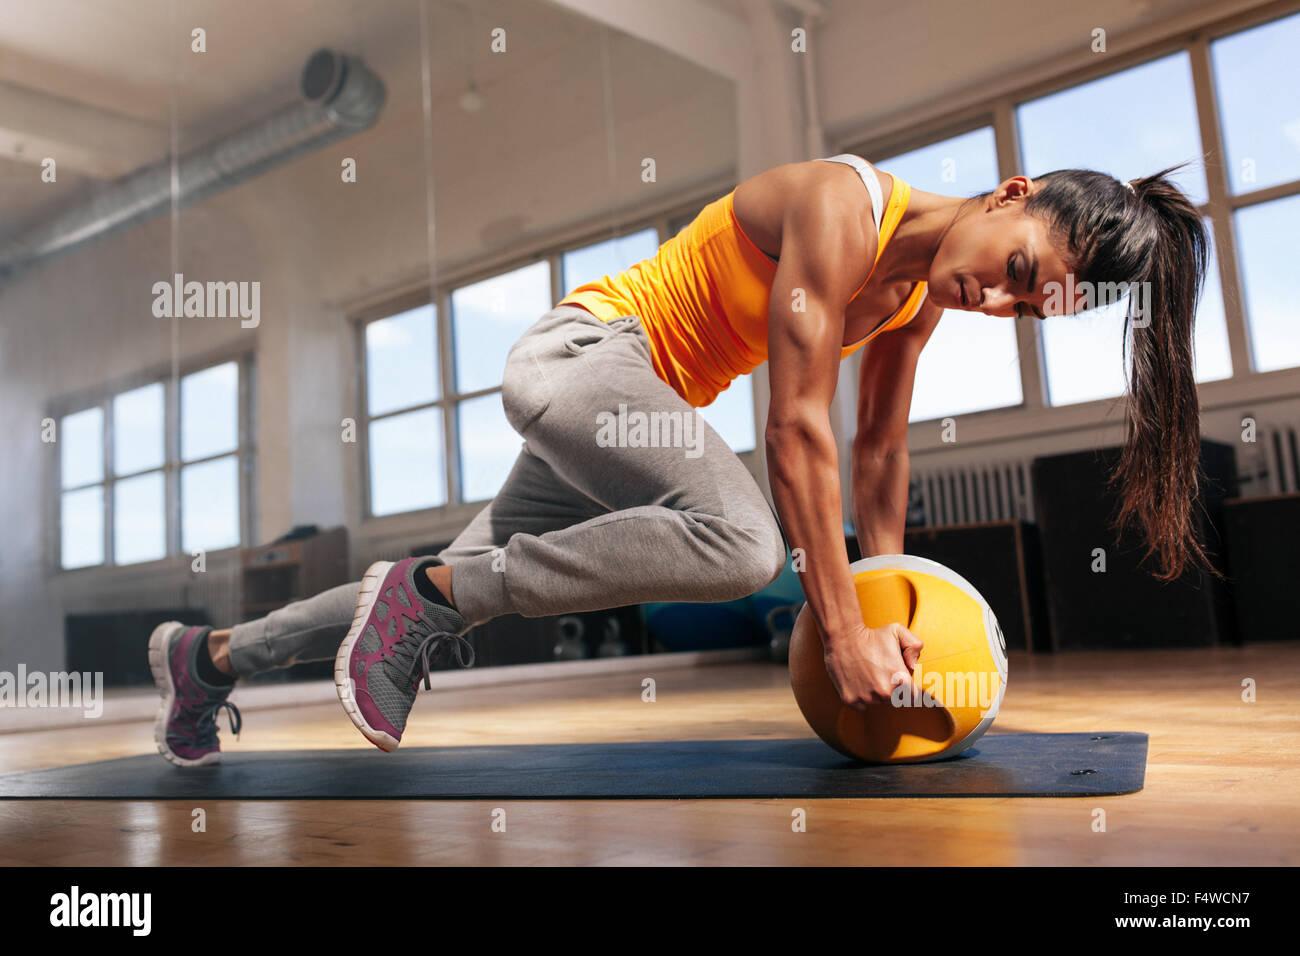 Mettre en place les femmes faisant de l'exercice dans core intense de sport. Jeune femme faisant de l'exercice Photo Stock